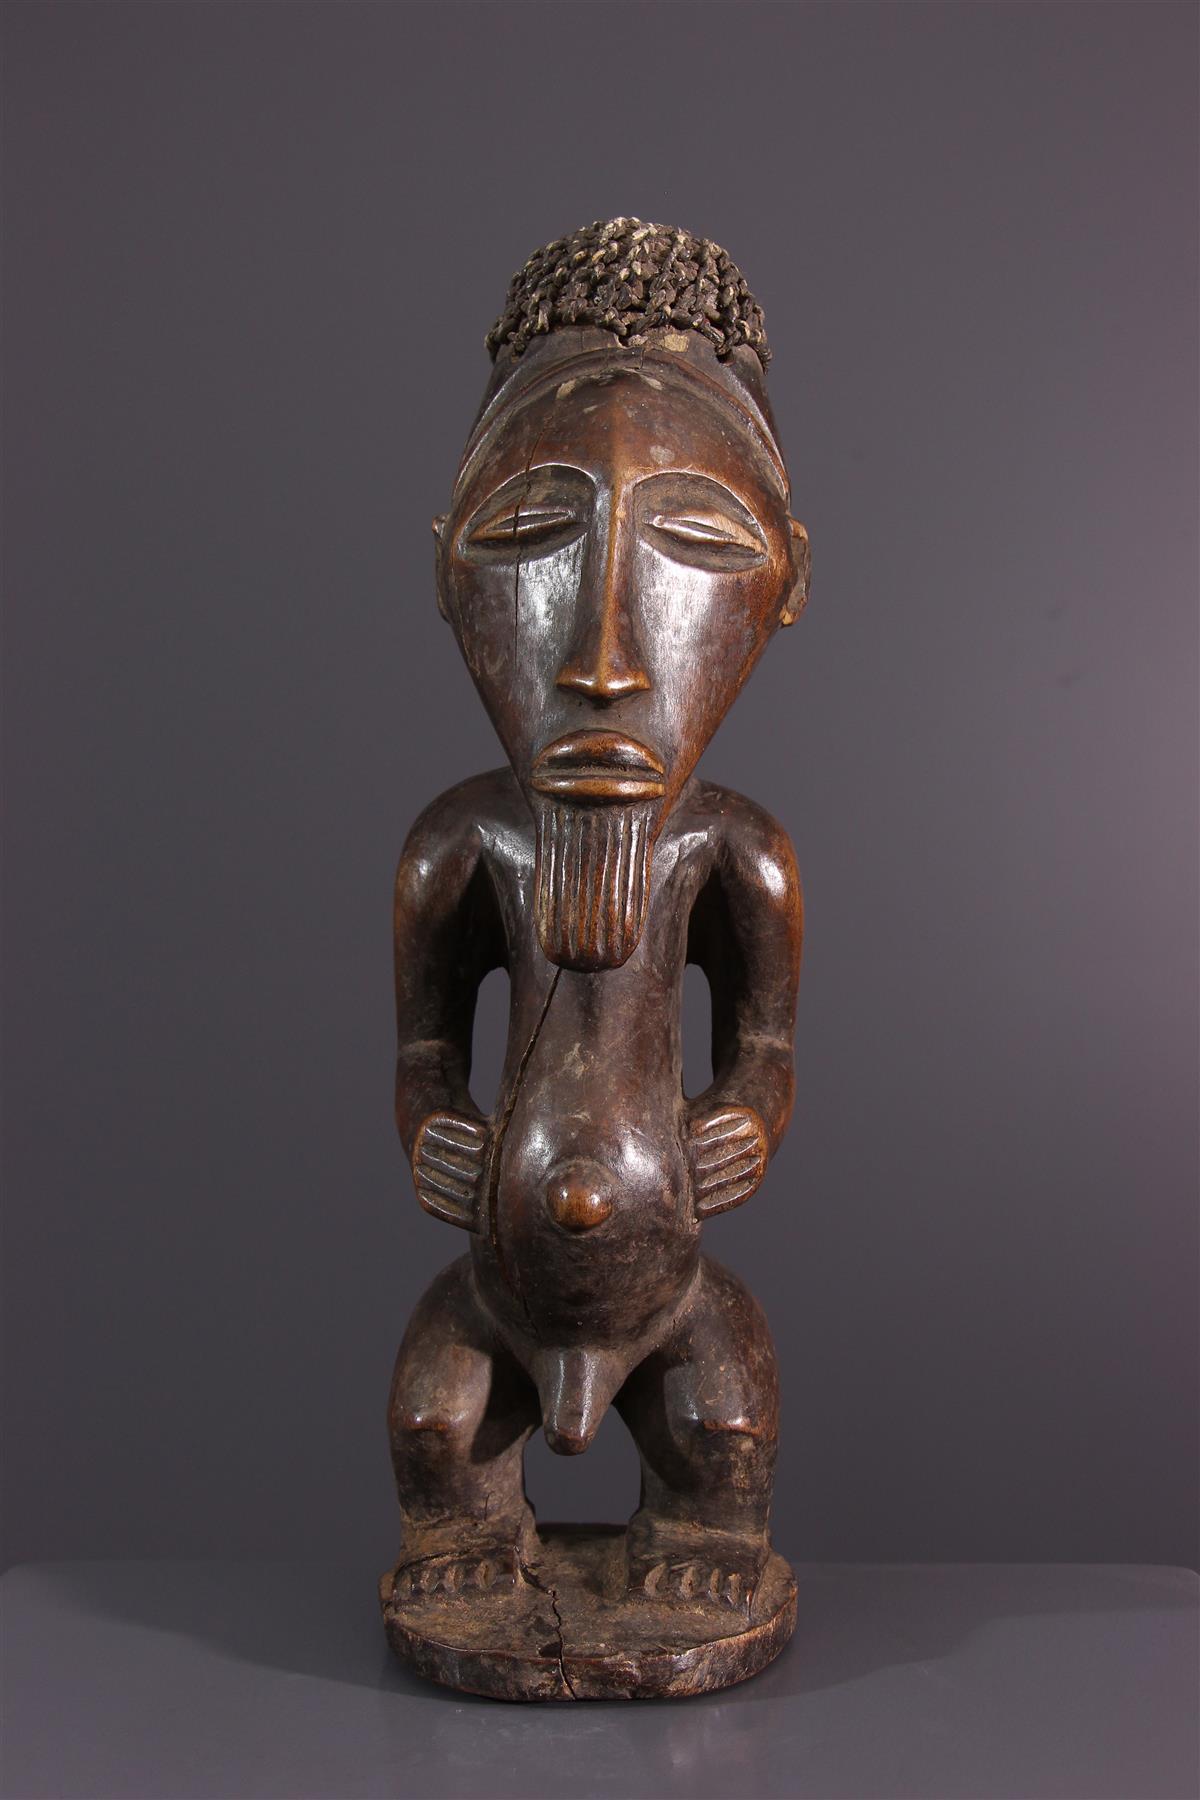 Statue Bassikassingo - African art